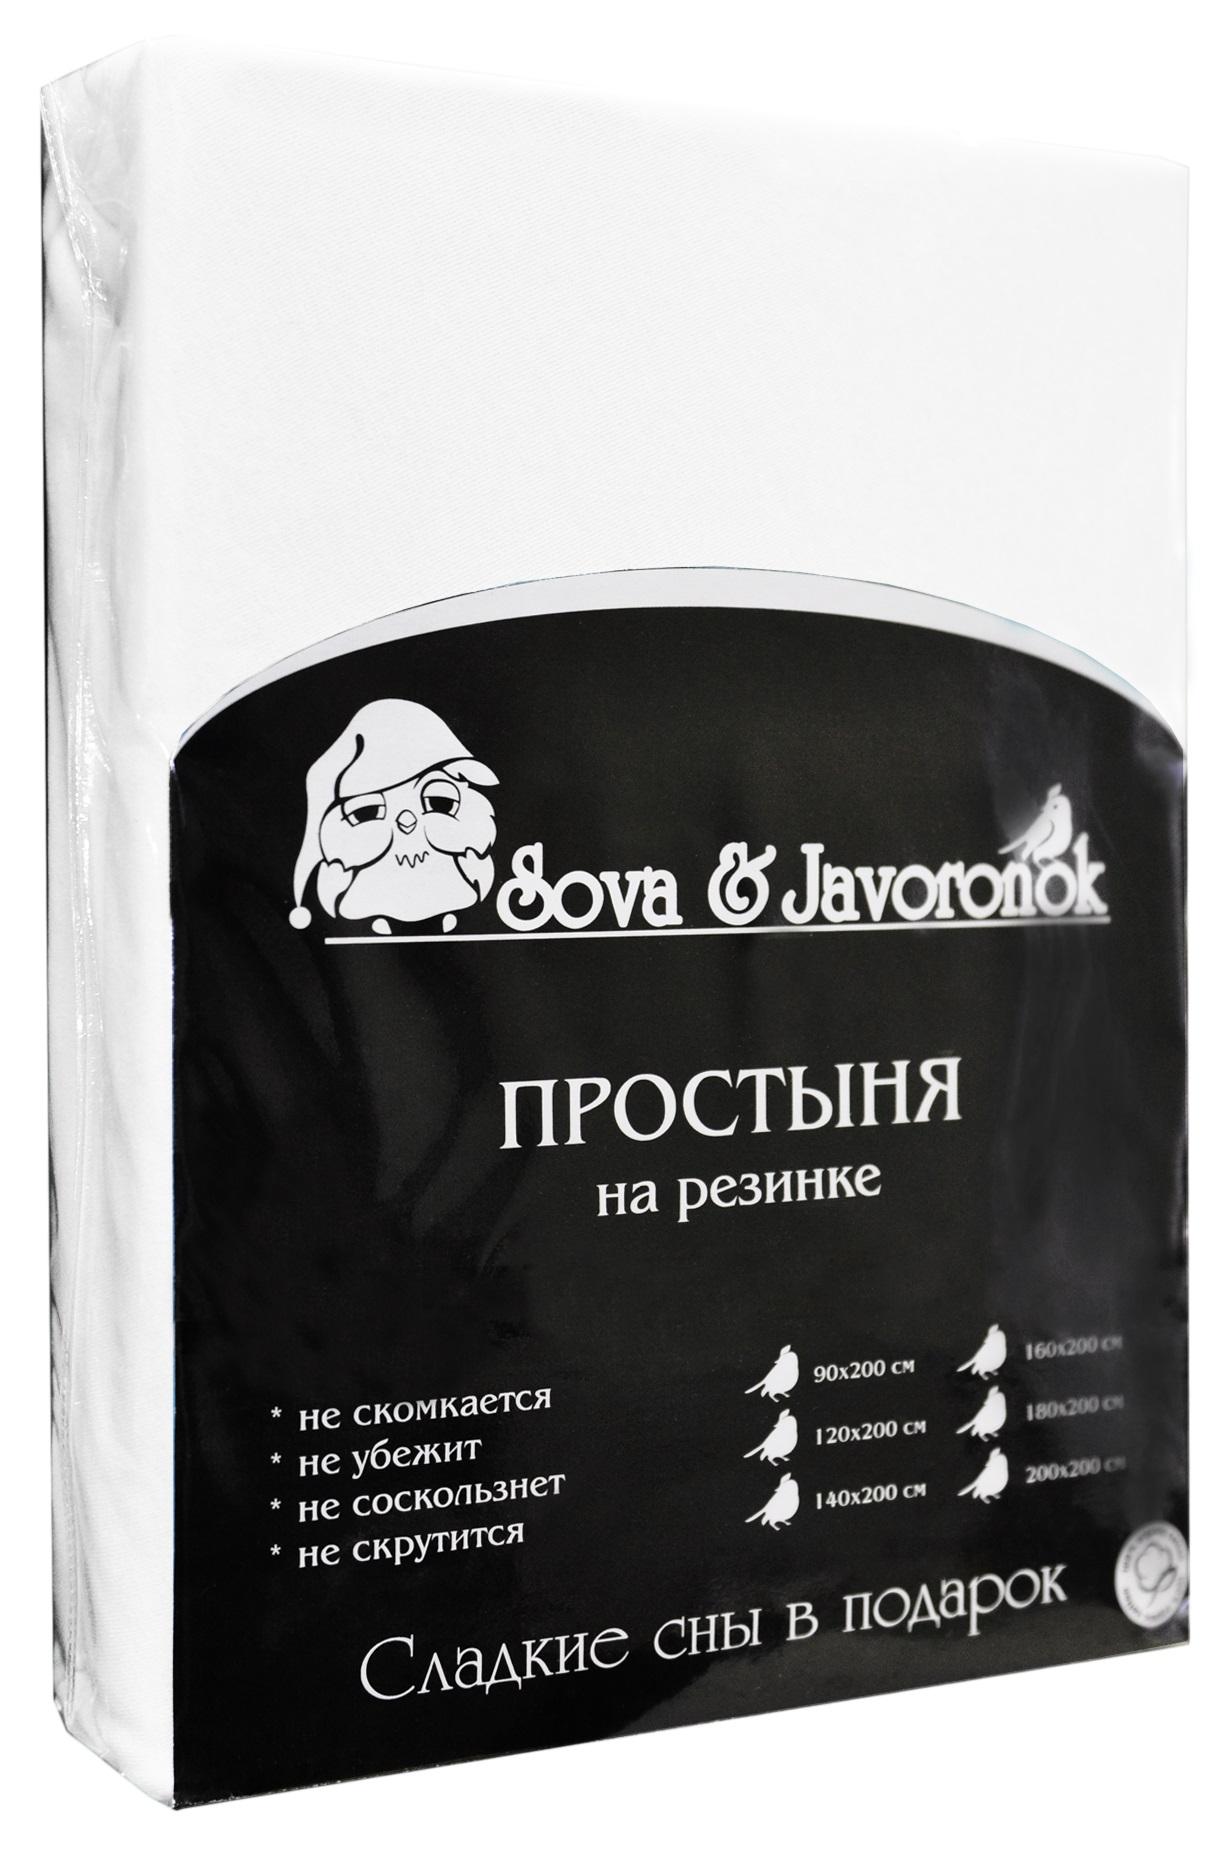 Простыня на резинке Sova & Javoronok, цвет: белый, 160 х 200 смES-412Простыня на резинке Sova & Javoronok, изготовленная из трикотажной ткани (100% хлопок), будет превосходно смотреться с любыми комплектами белья. Хлопчатобумажный трикотаж по праву считается одним из самых качественных, прочных и при этом приятных на ощупь. Его гигиеничность позволяет использовать простыню и в детских комнатах, к тому же 100%-ый хлопок в составе ткани не вызовет аллергии. У трикотажного полотна очень интересная структура, немного рыхлая за счет отсутствия плотного переплетения нитей и наличия особых петель, благодаря этому простыня Сова и Жаворонок отлично пропускает воздух и способствует его постоянной циркуляции. Поэтому ваша постель будет всегда оставаться свежей. Но главное и, пожалуй, самое известное свойство трикотажа - это его великолепная растяжимость, поэтому эта ткань и была выбрана для натяжной простыни на резинке.Простыня прошита резинкой по всему периметру, что обеспечивает более комфортный отдых, так как она прочно удерживается на матрасе и избавляет от необходимости часто поправлять простыню.